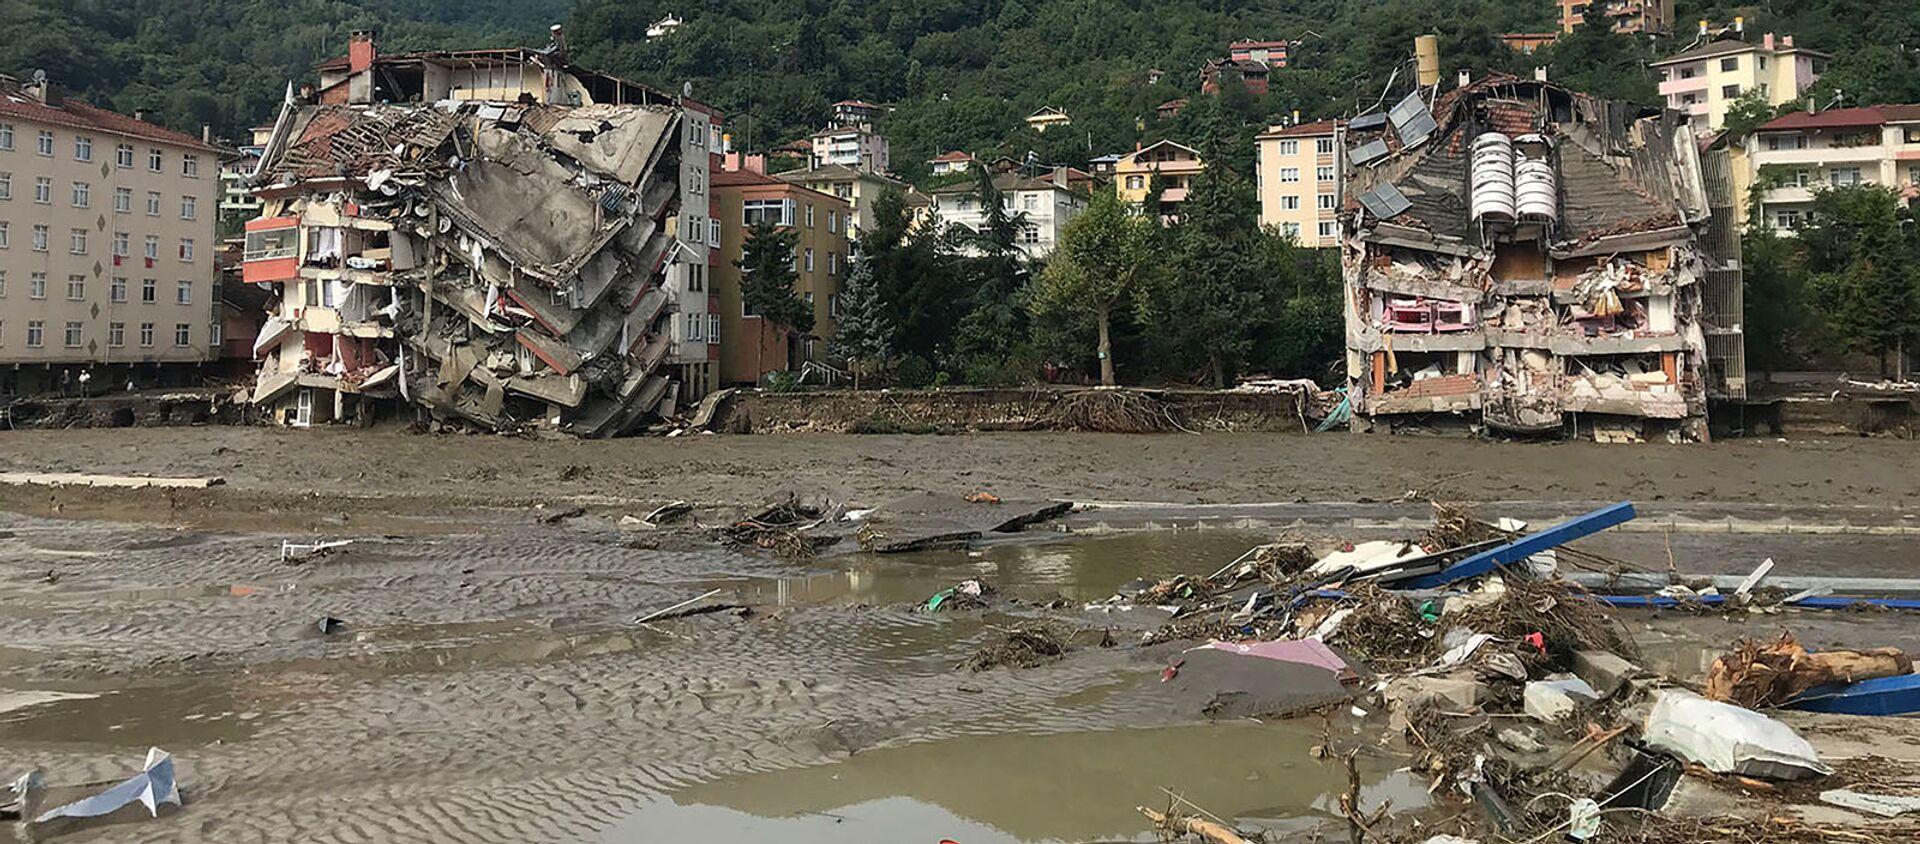 Разрушения, вызванные паводковыми водами в городе Бозкурт турецкой провинции Кастамону (12 августа 2021). Турция - Sputnik Արմենիա, 1920, 13.08.2021